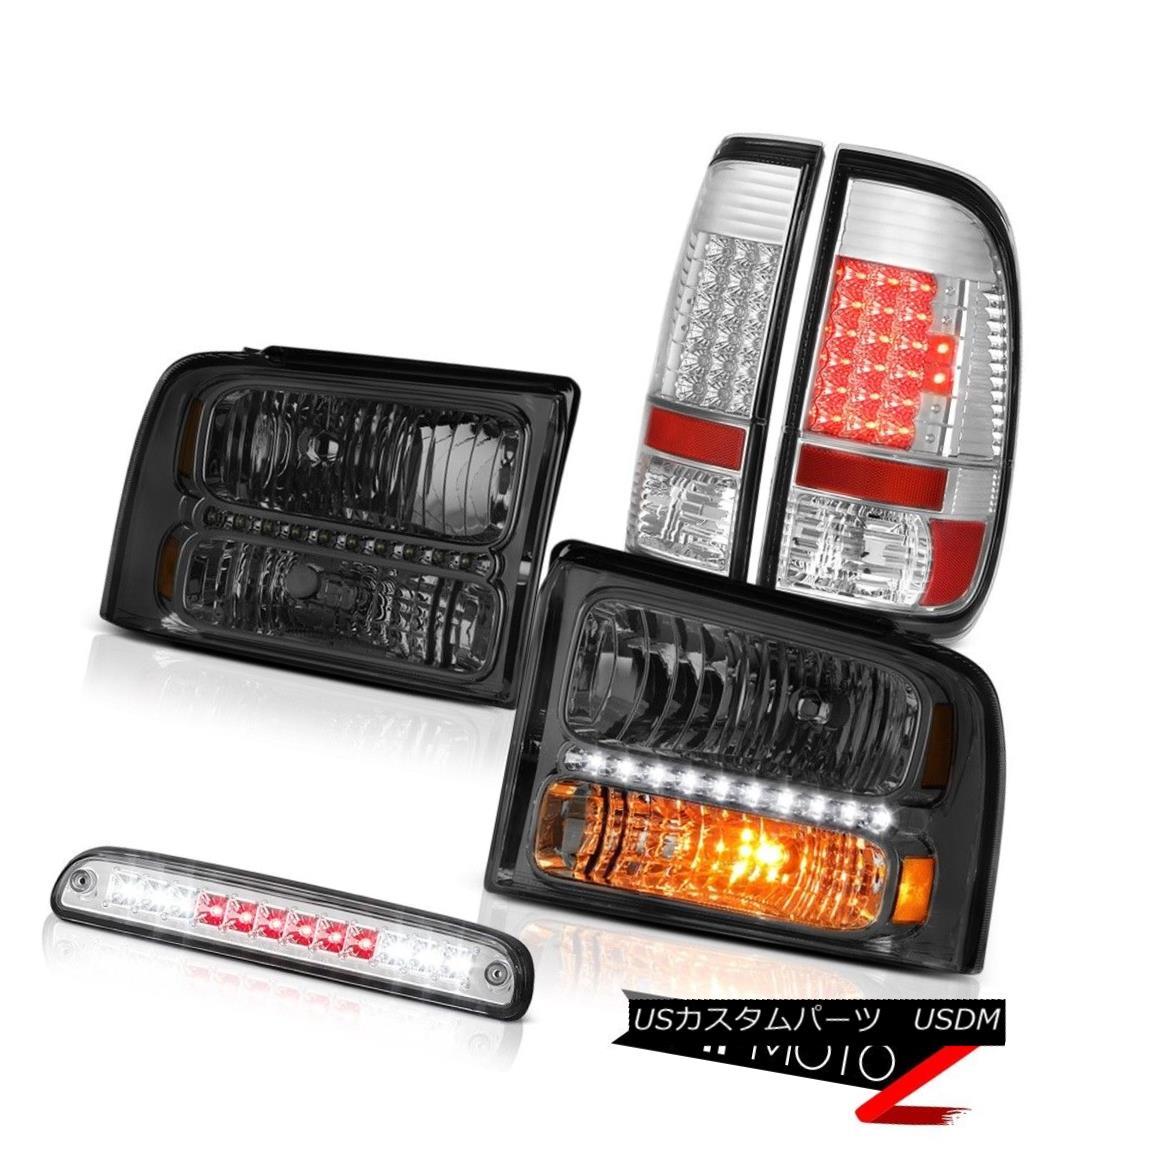 ヘッドライト 2005-2007 F250 Amarillo Smoke Headlights LED Brake Tail Lights Roof Stop Chrome 2005-2007 F250アマリロ煙ヘッドライトLEDブレーキテールライトルーフストップクローム